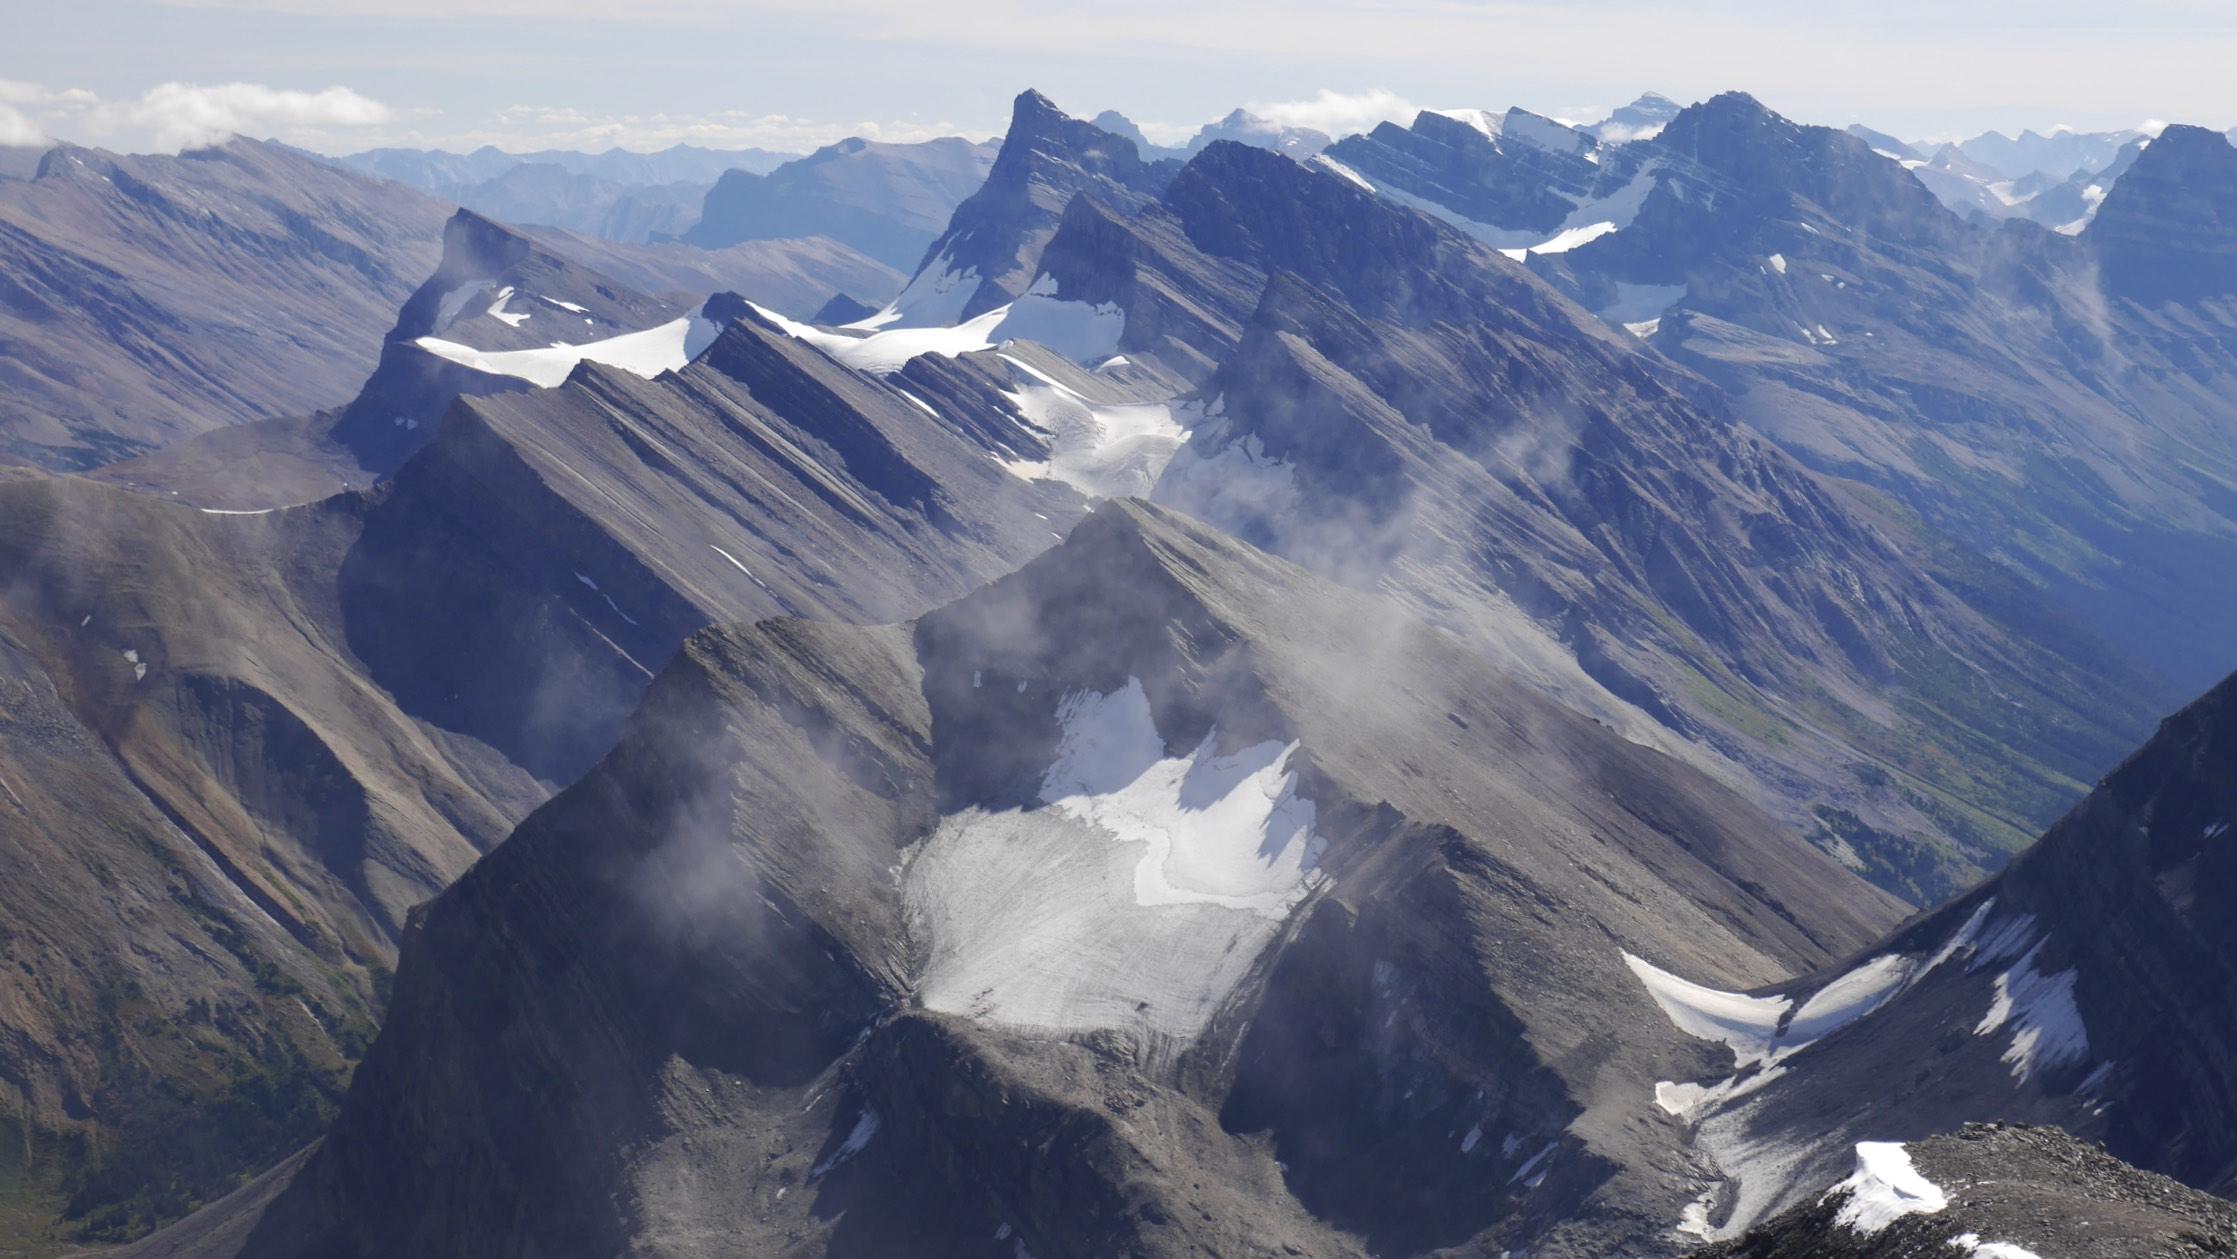 Looking south from Nigel Peak